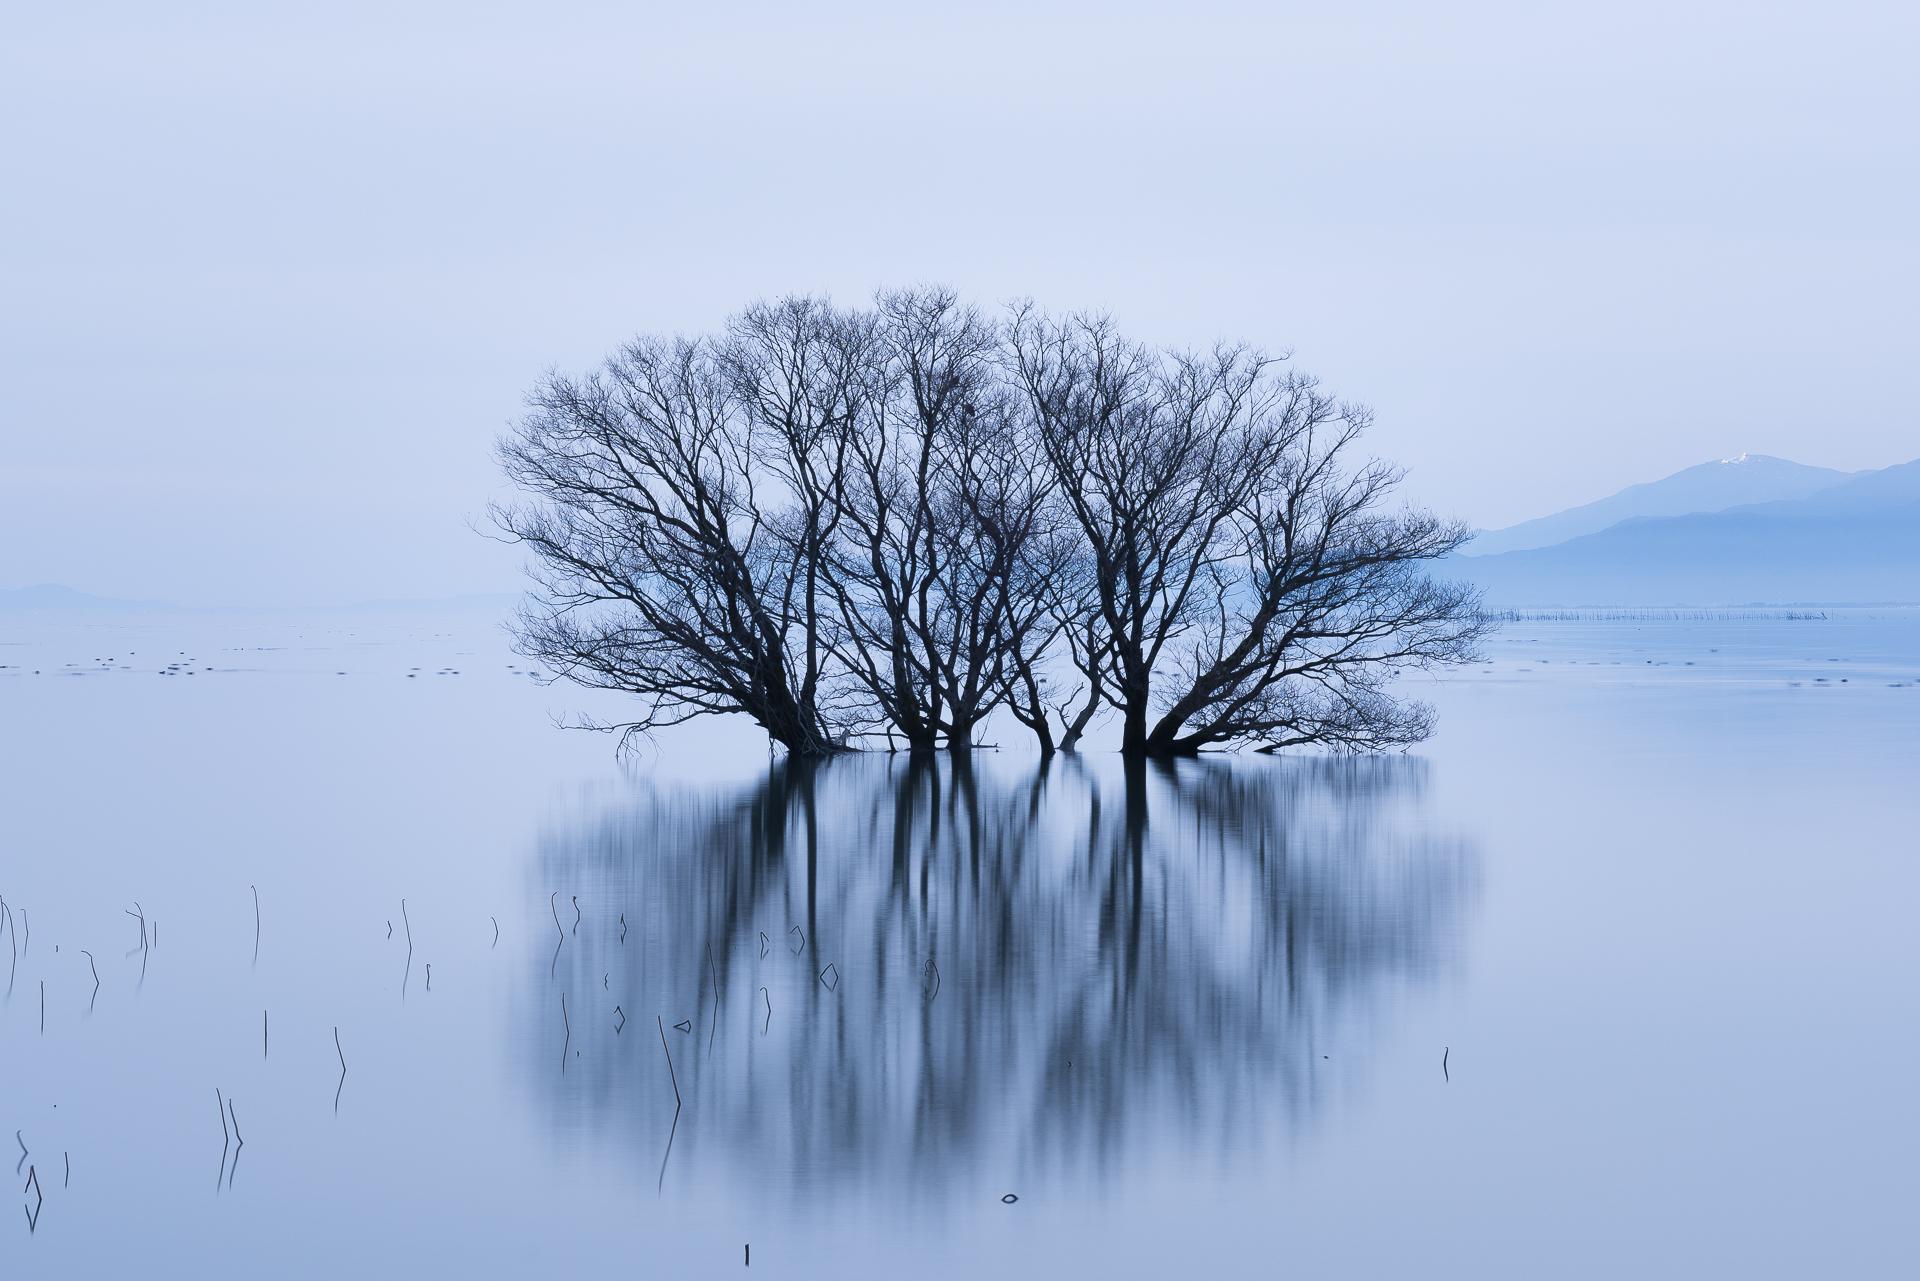 滋賀県長浜市「湖北水鳥公園(水中木)」の行き方と撮影スポット